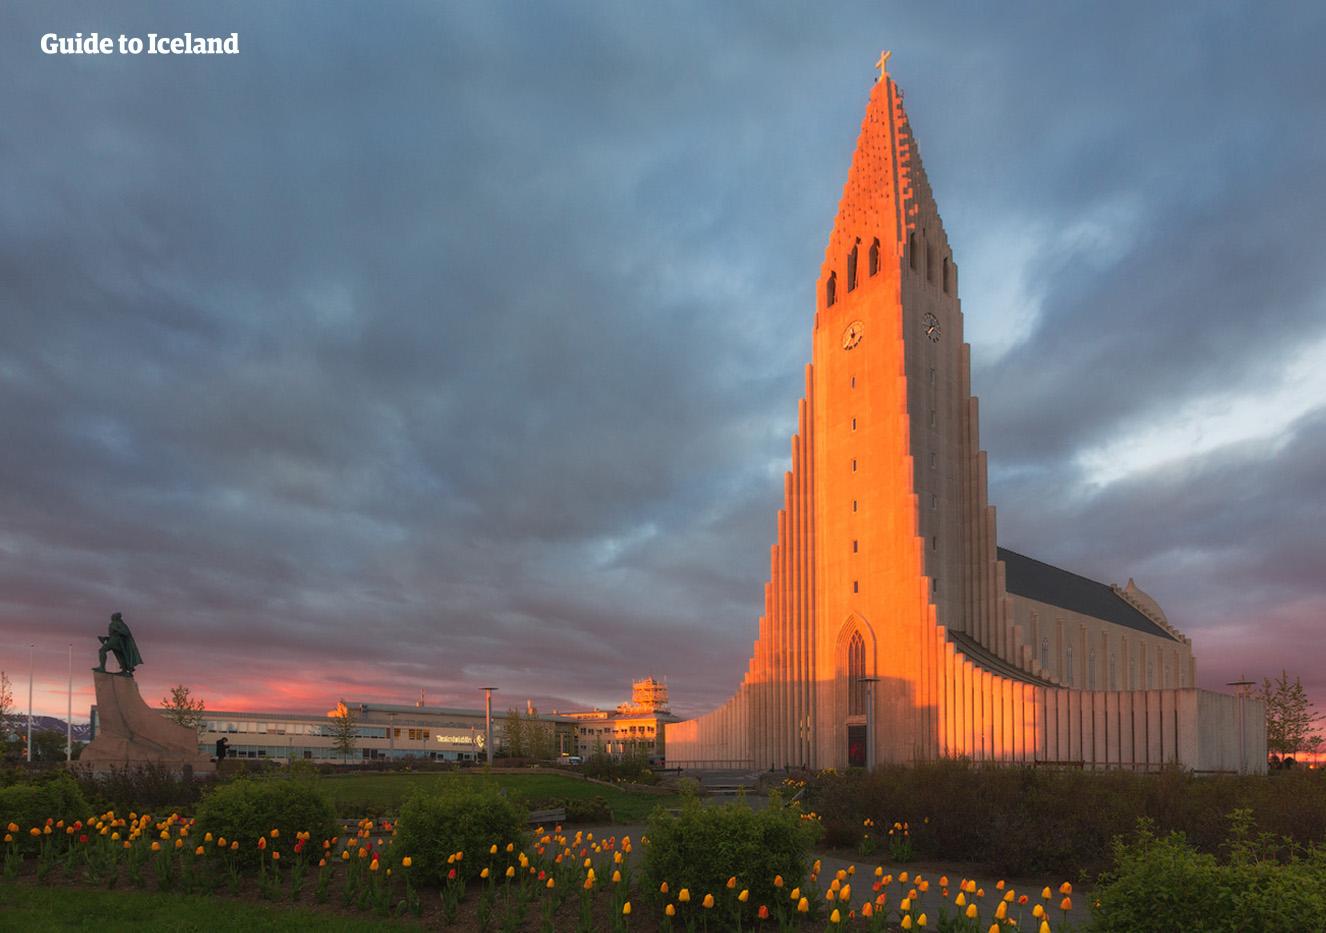 Den majestätiska Hallgrímskirkja-kyrkan i Reykjavík som inramas av midnattssolens varma glöd